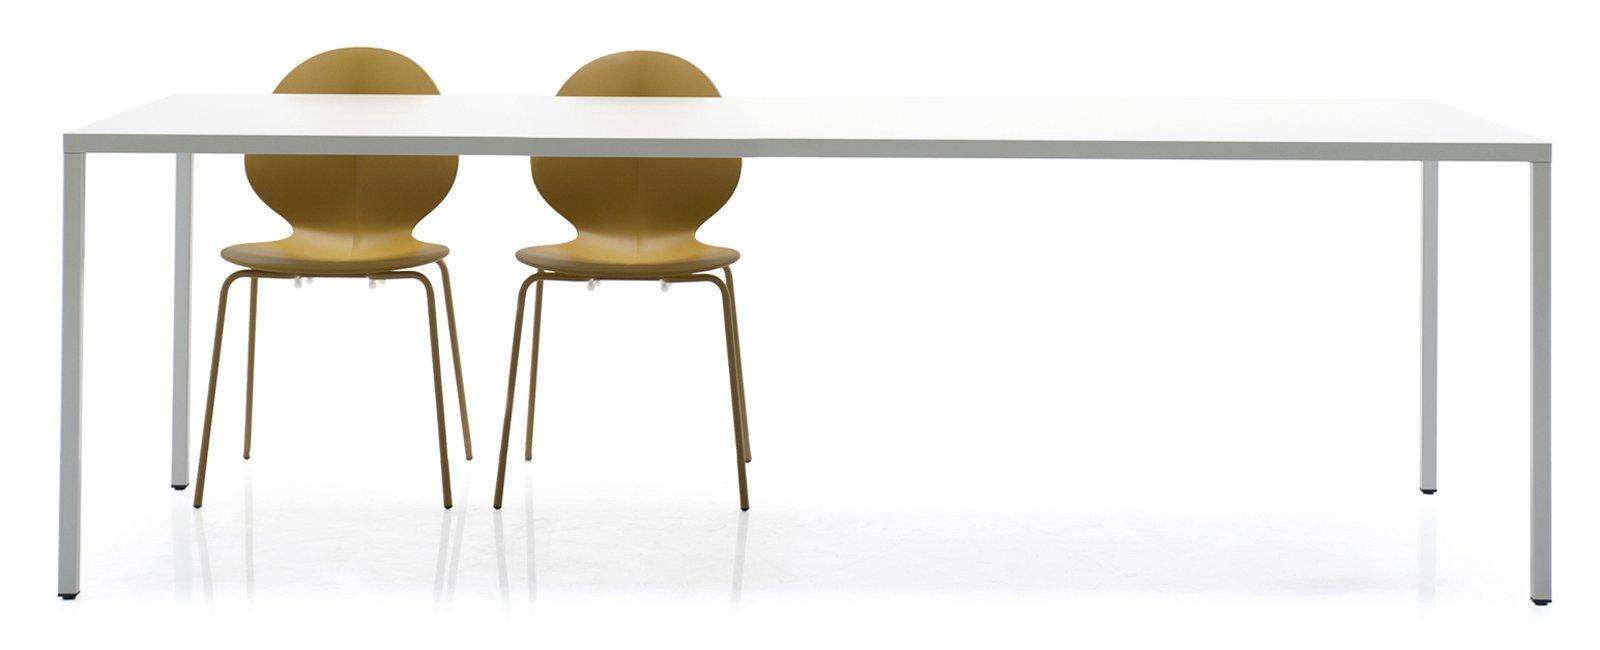 Design tavoli mini maxi cose di casa for Tavolo quadrato calligaris